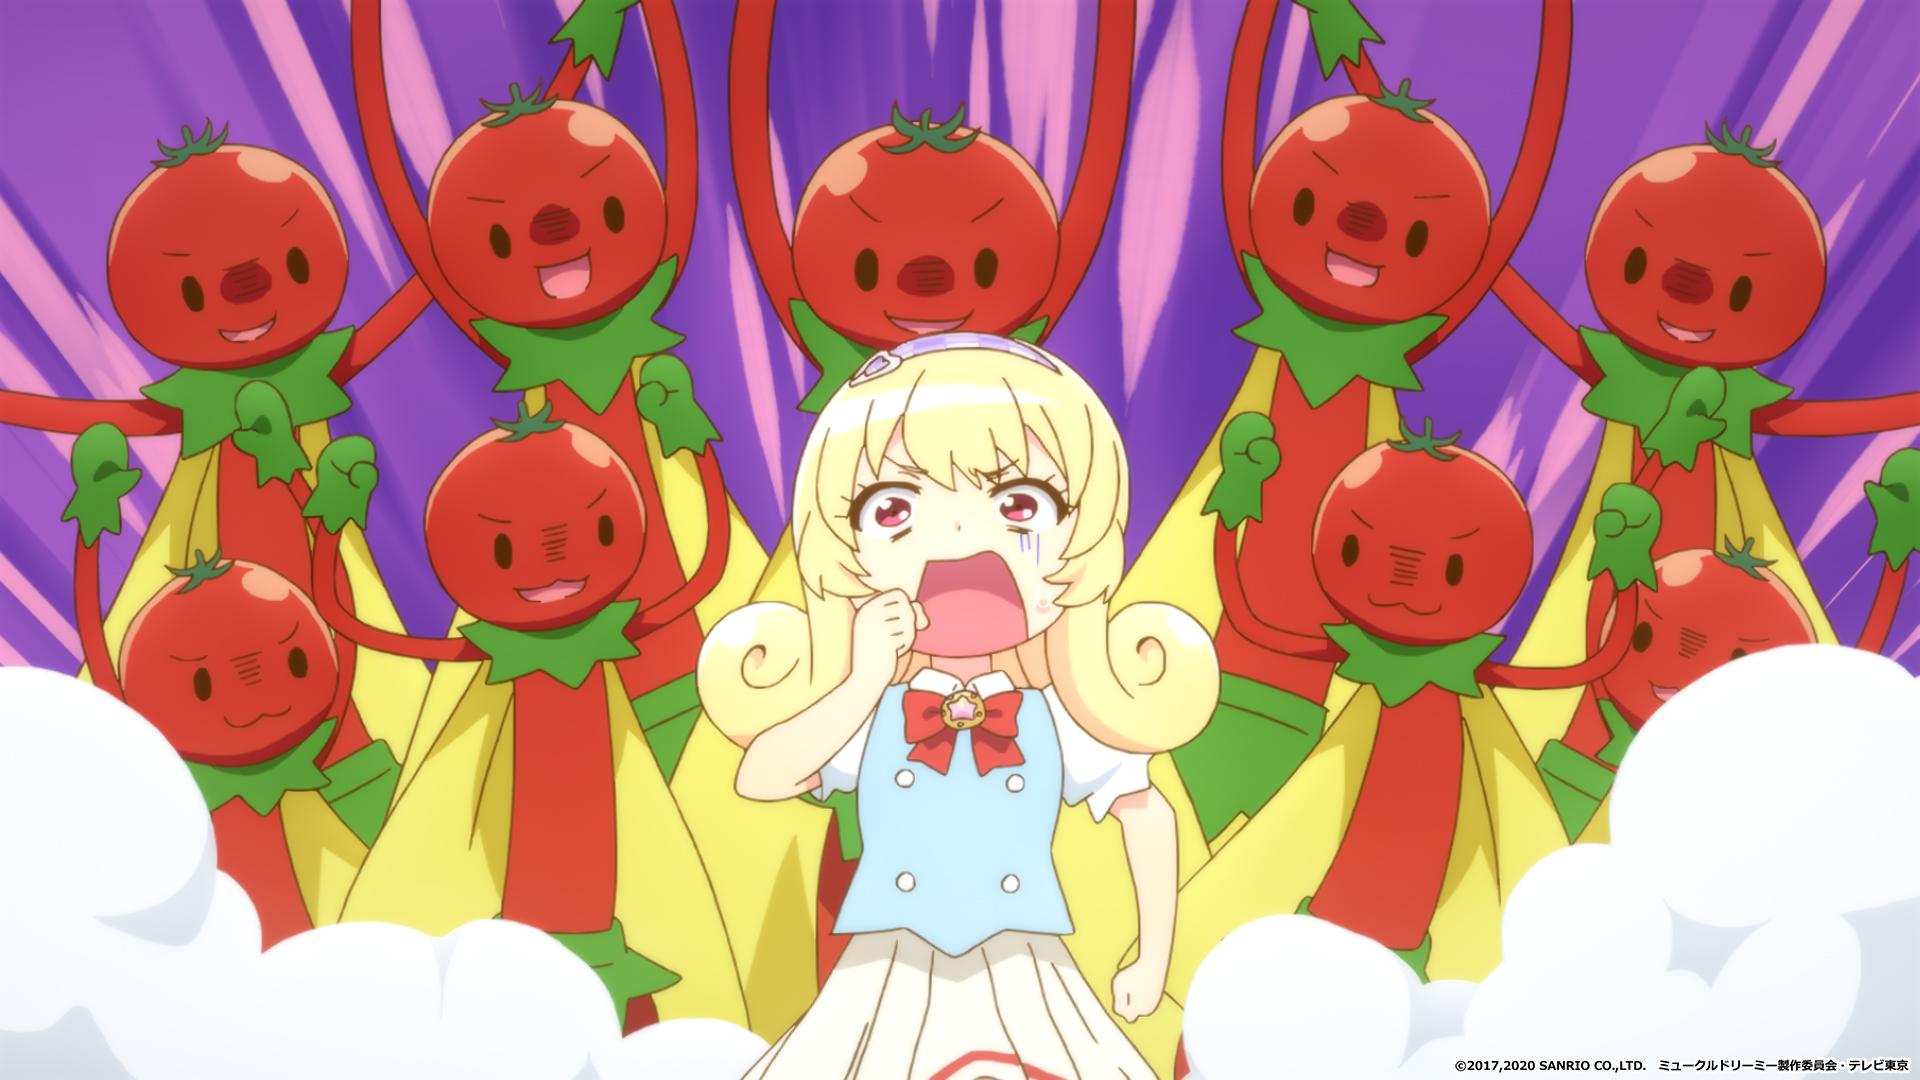 【アニメ】ミュークルドリーミーの17話あらすじ・ネタバレ感想   夢から現実に出てくるプチトマトマン